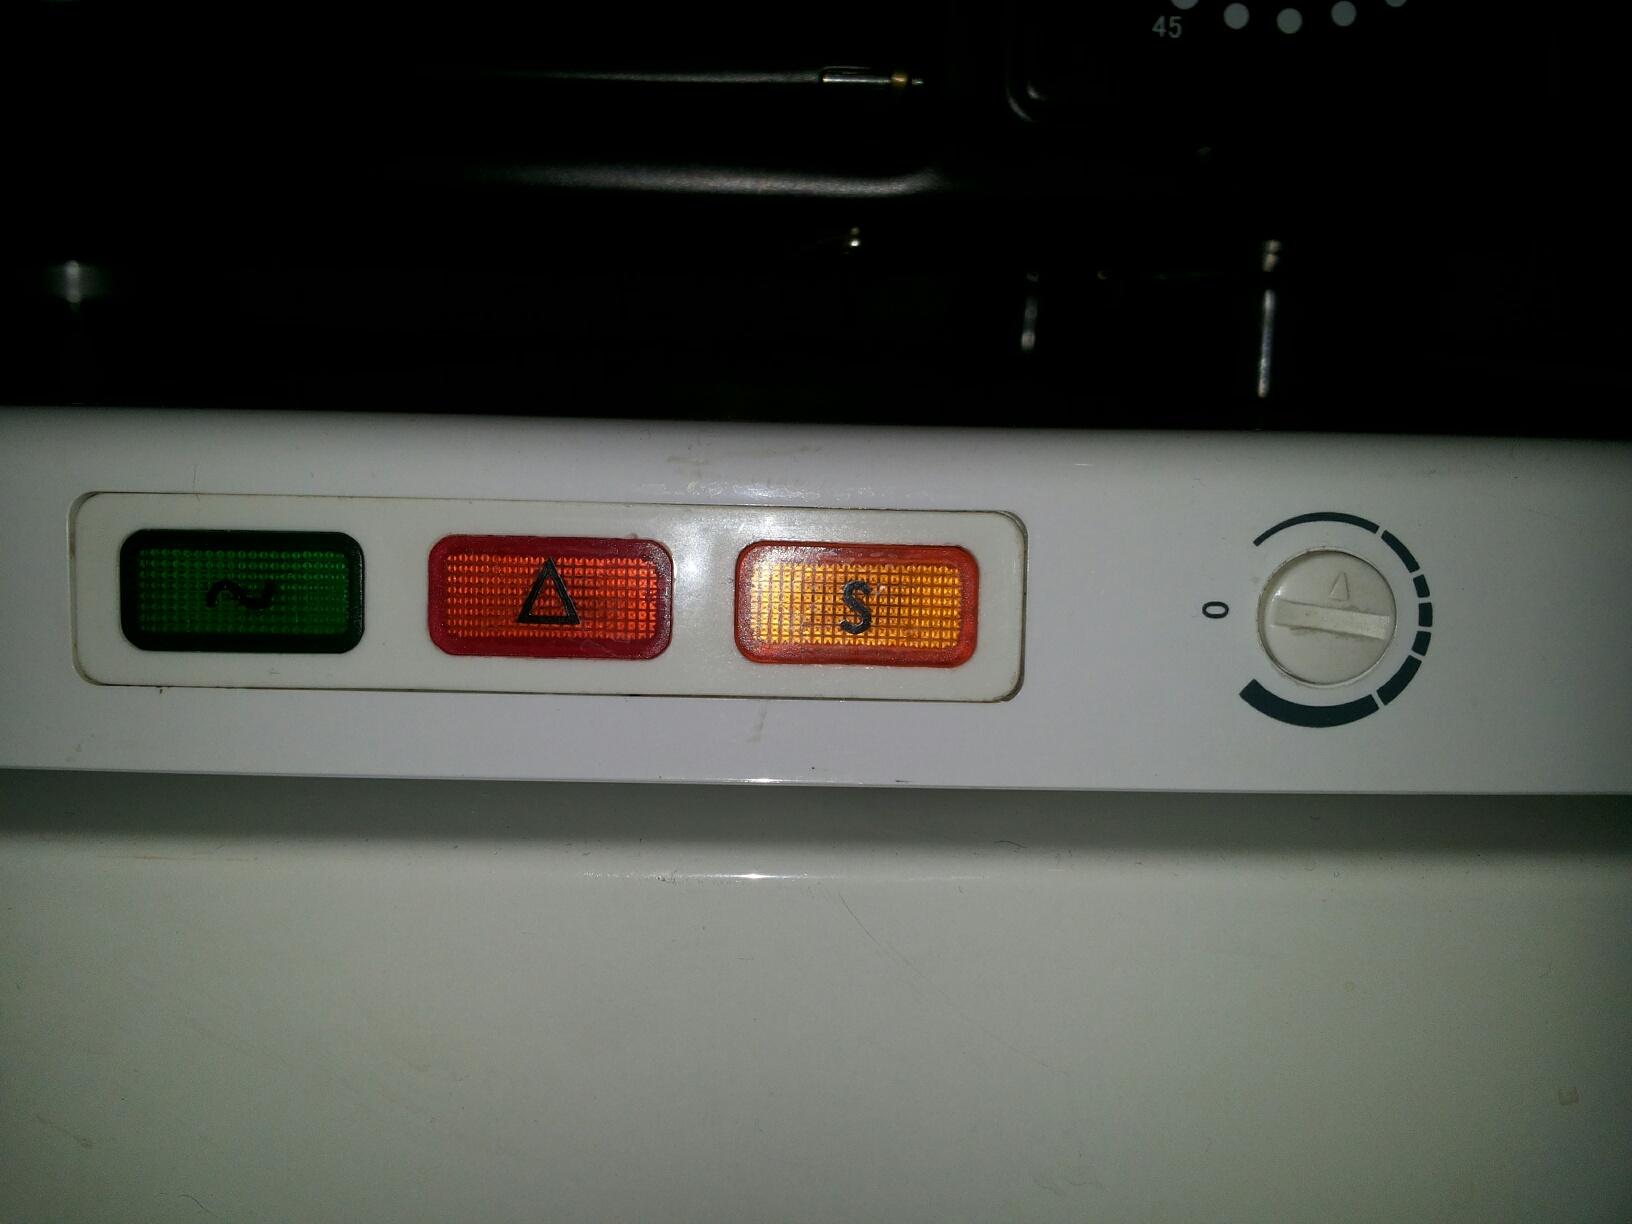 Mini Kühlschrank Zubehör : Fantasyworld mini convenientlcd kühlschrank gefrierschrank